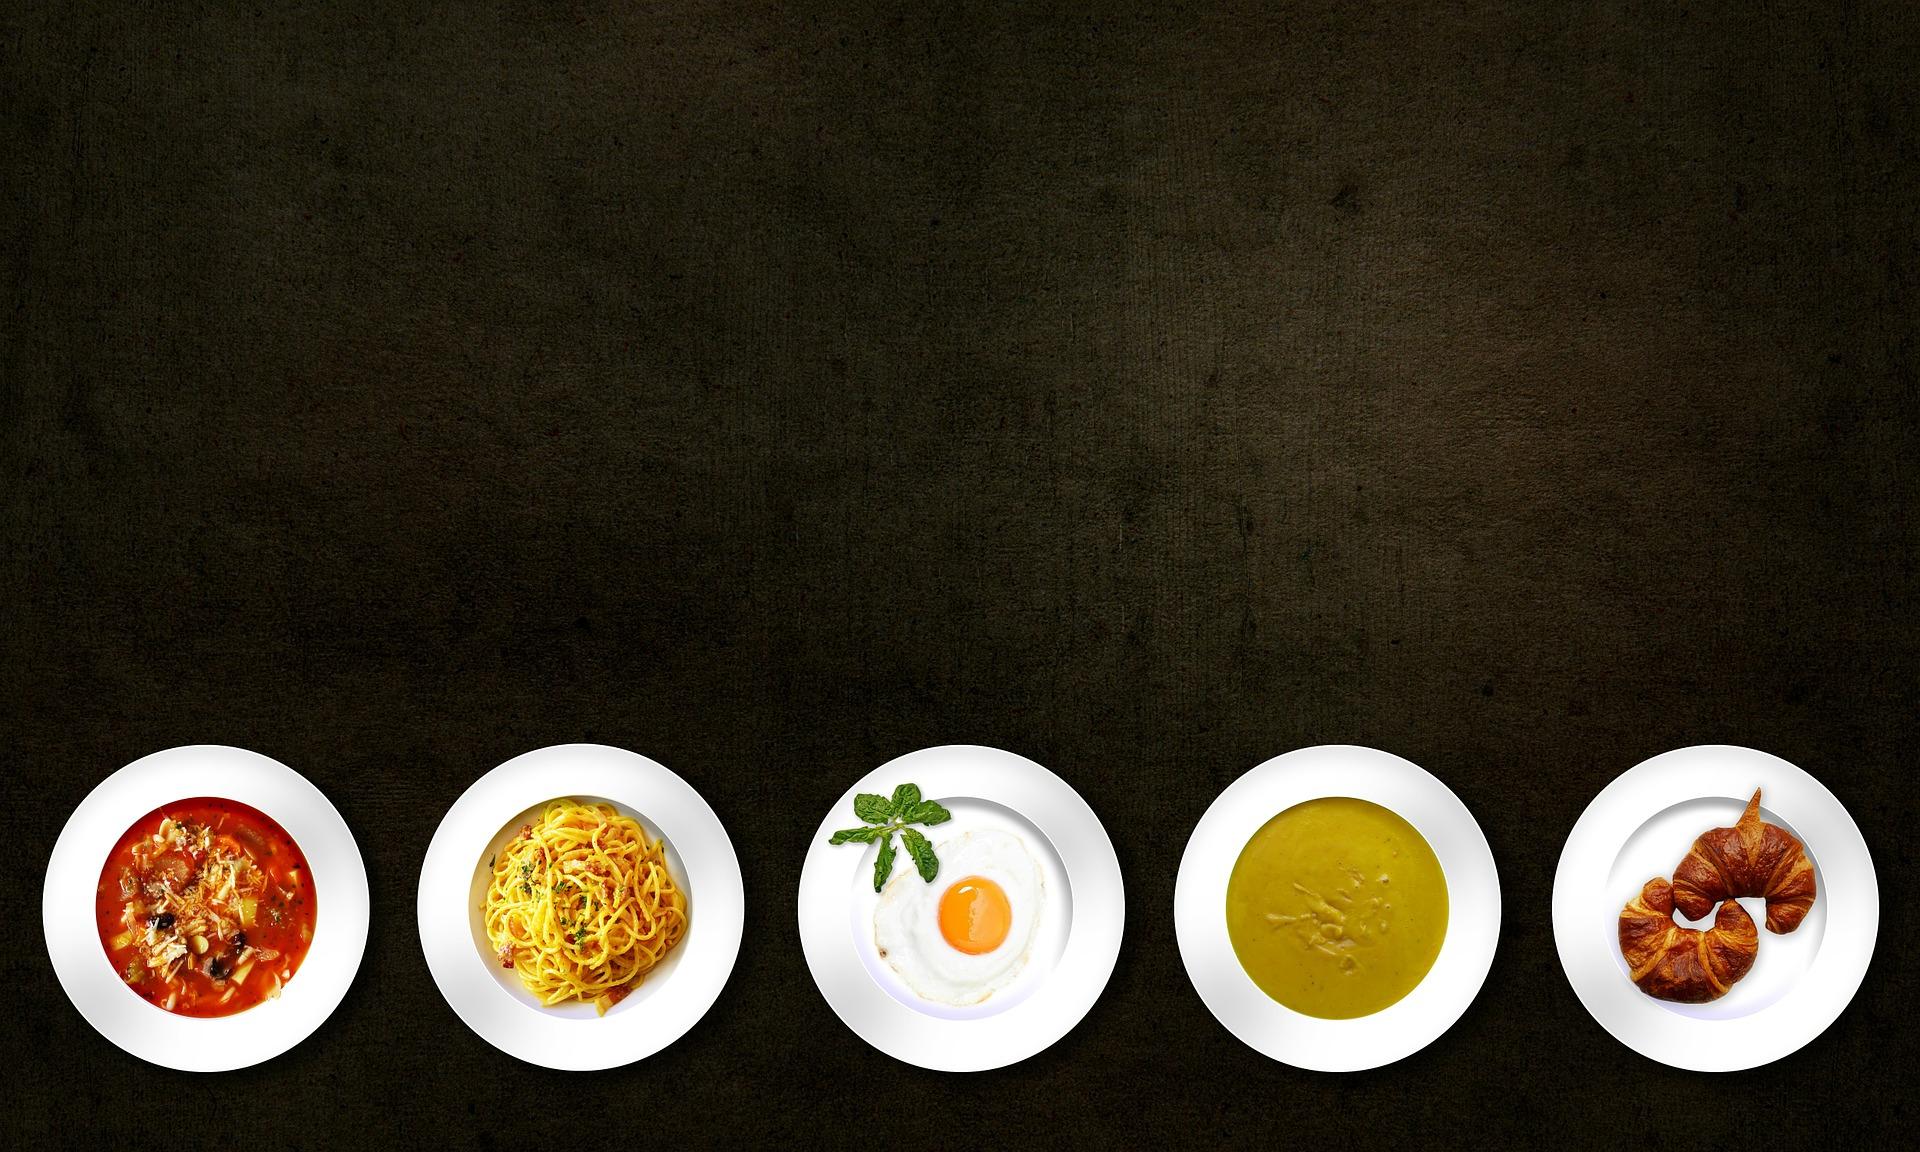 【痩せない理由はこれ?】健康に良いと思って食べていた食べ物がホルモンバランスを乱す!?